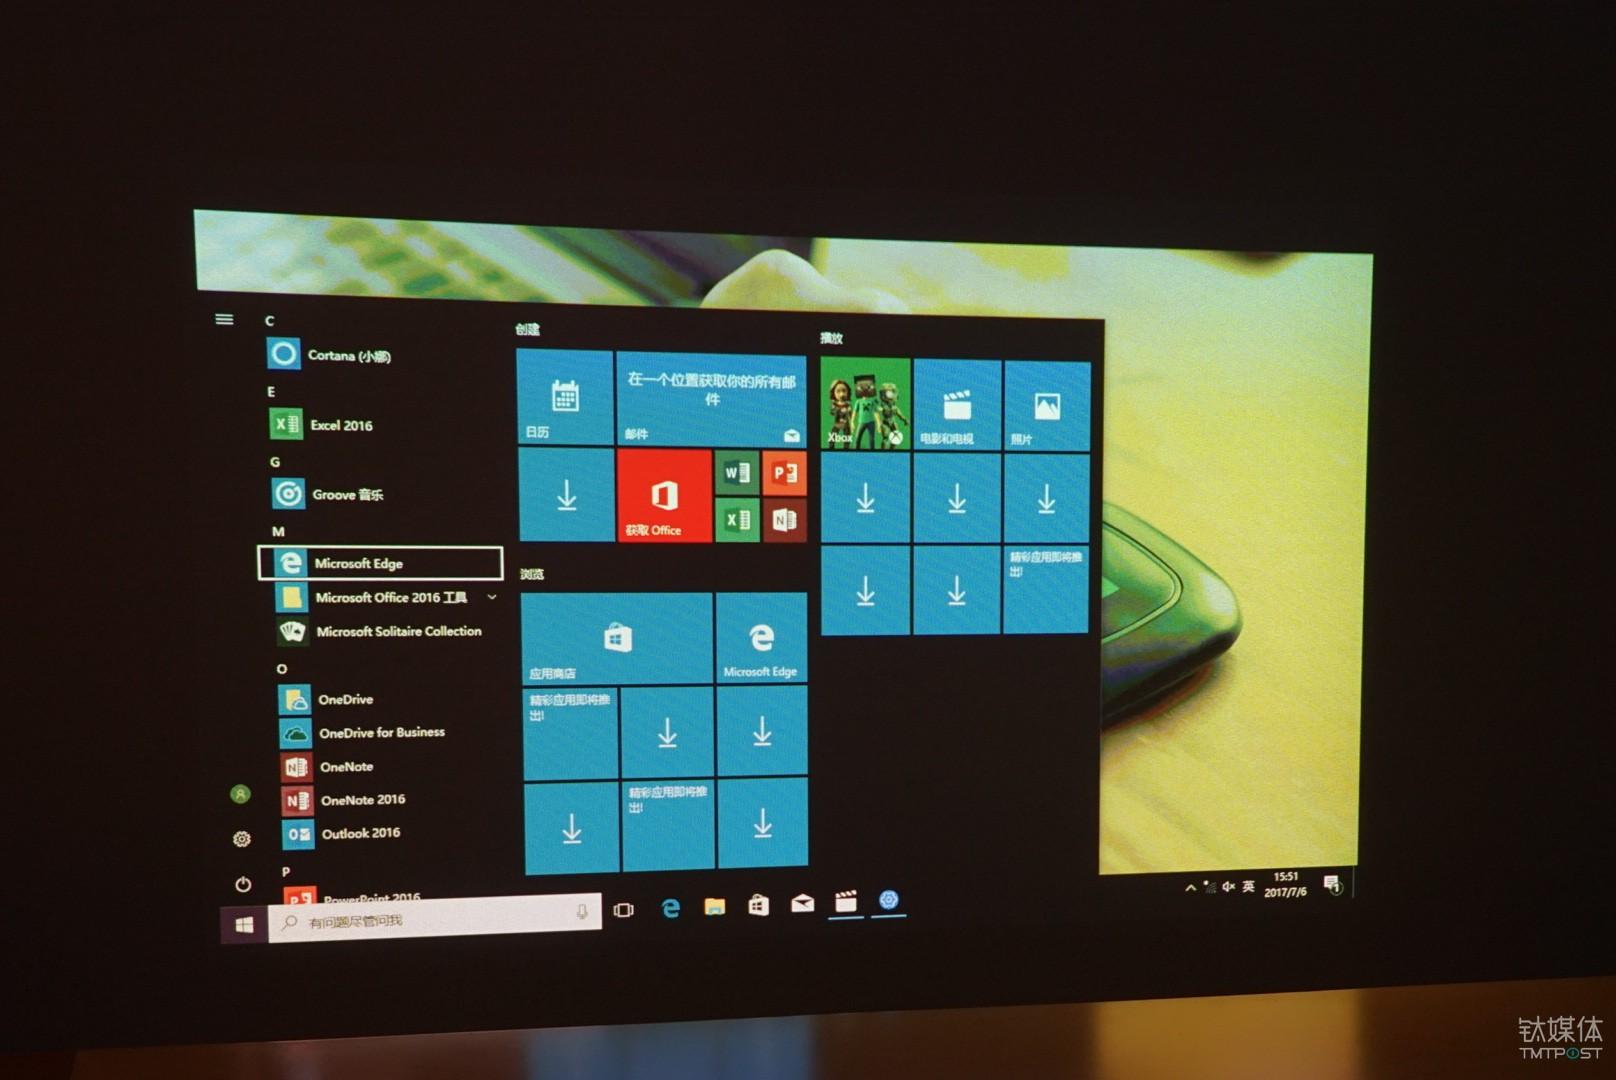 预装正版Windows 10 操作系统